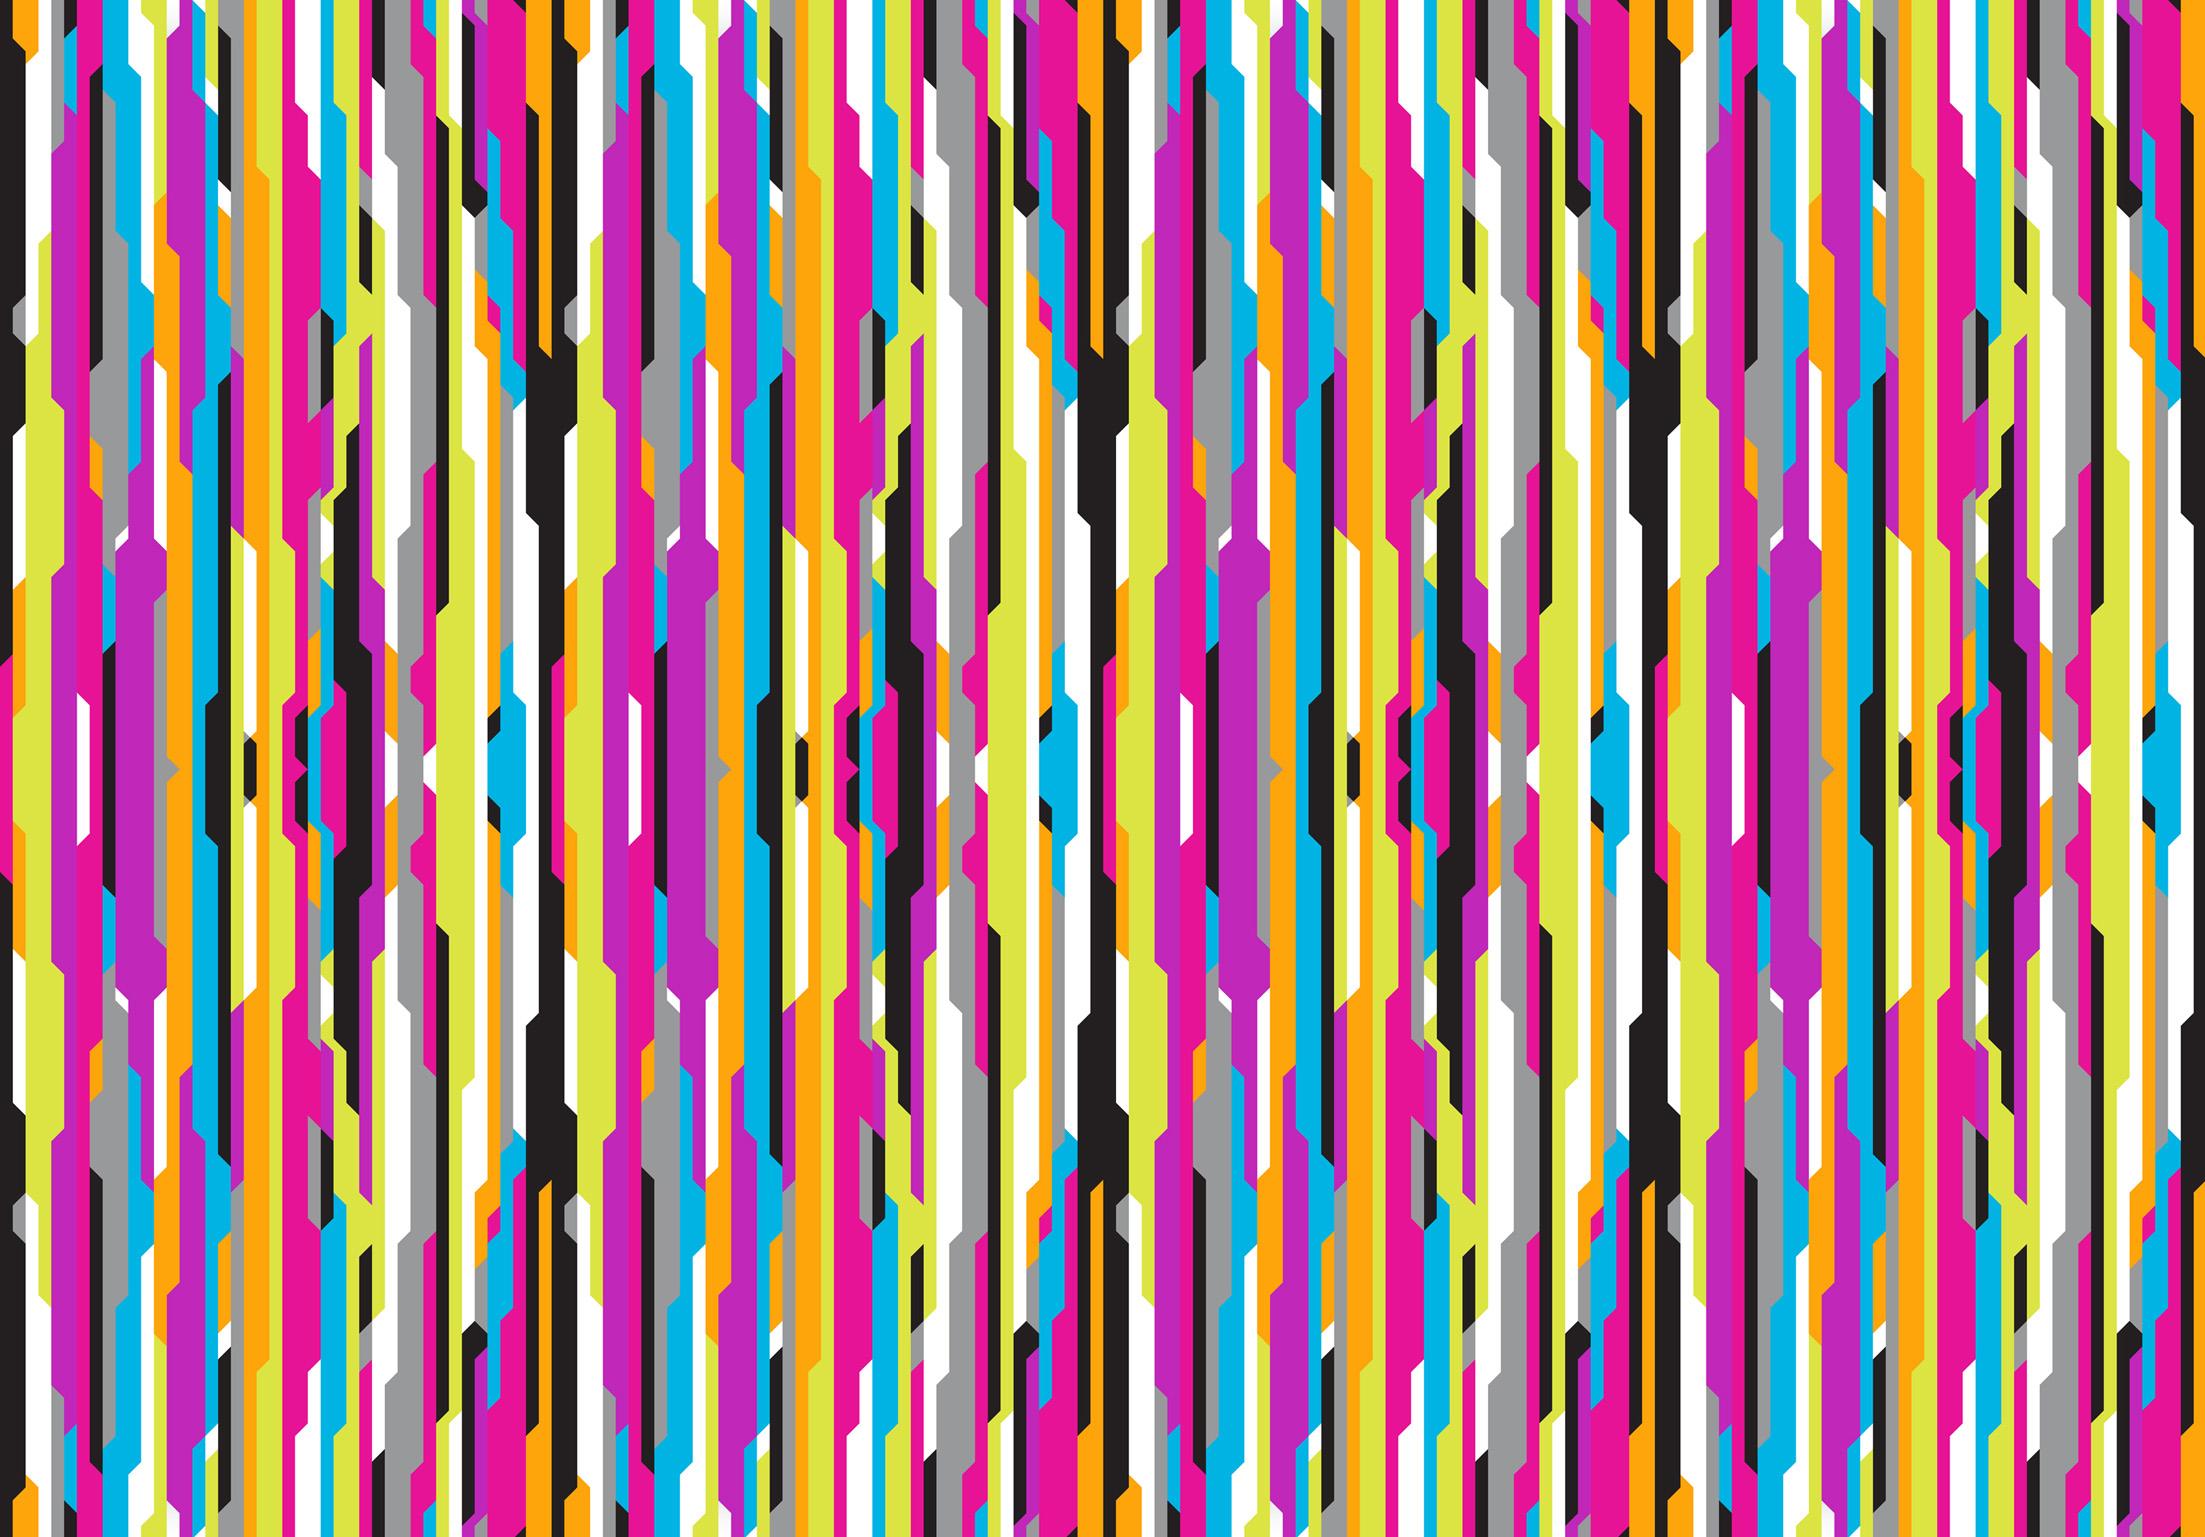 """טפט בעיצוב קארים ראשיד, למי שרוצה להתפרע עם צבעוניות.  (צילום: יח""""צ, באדיבות Wall & Paper ברעם) (צילום: יח"""